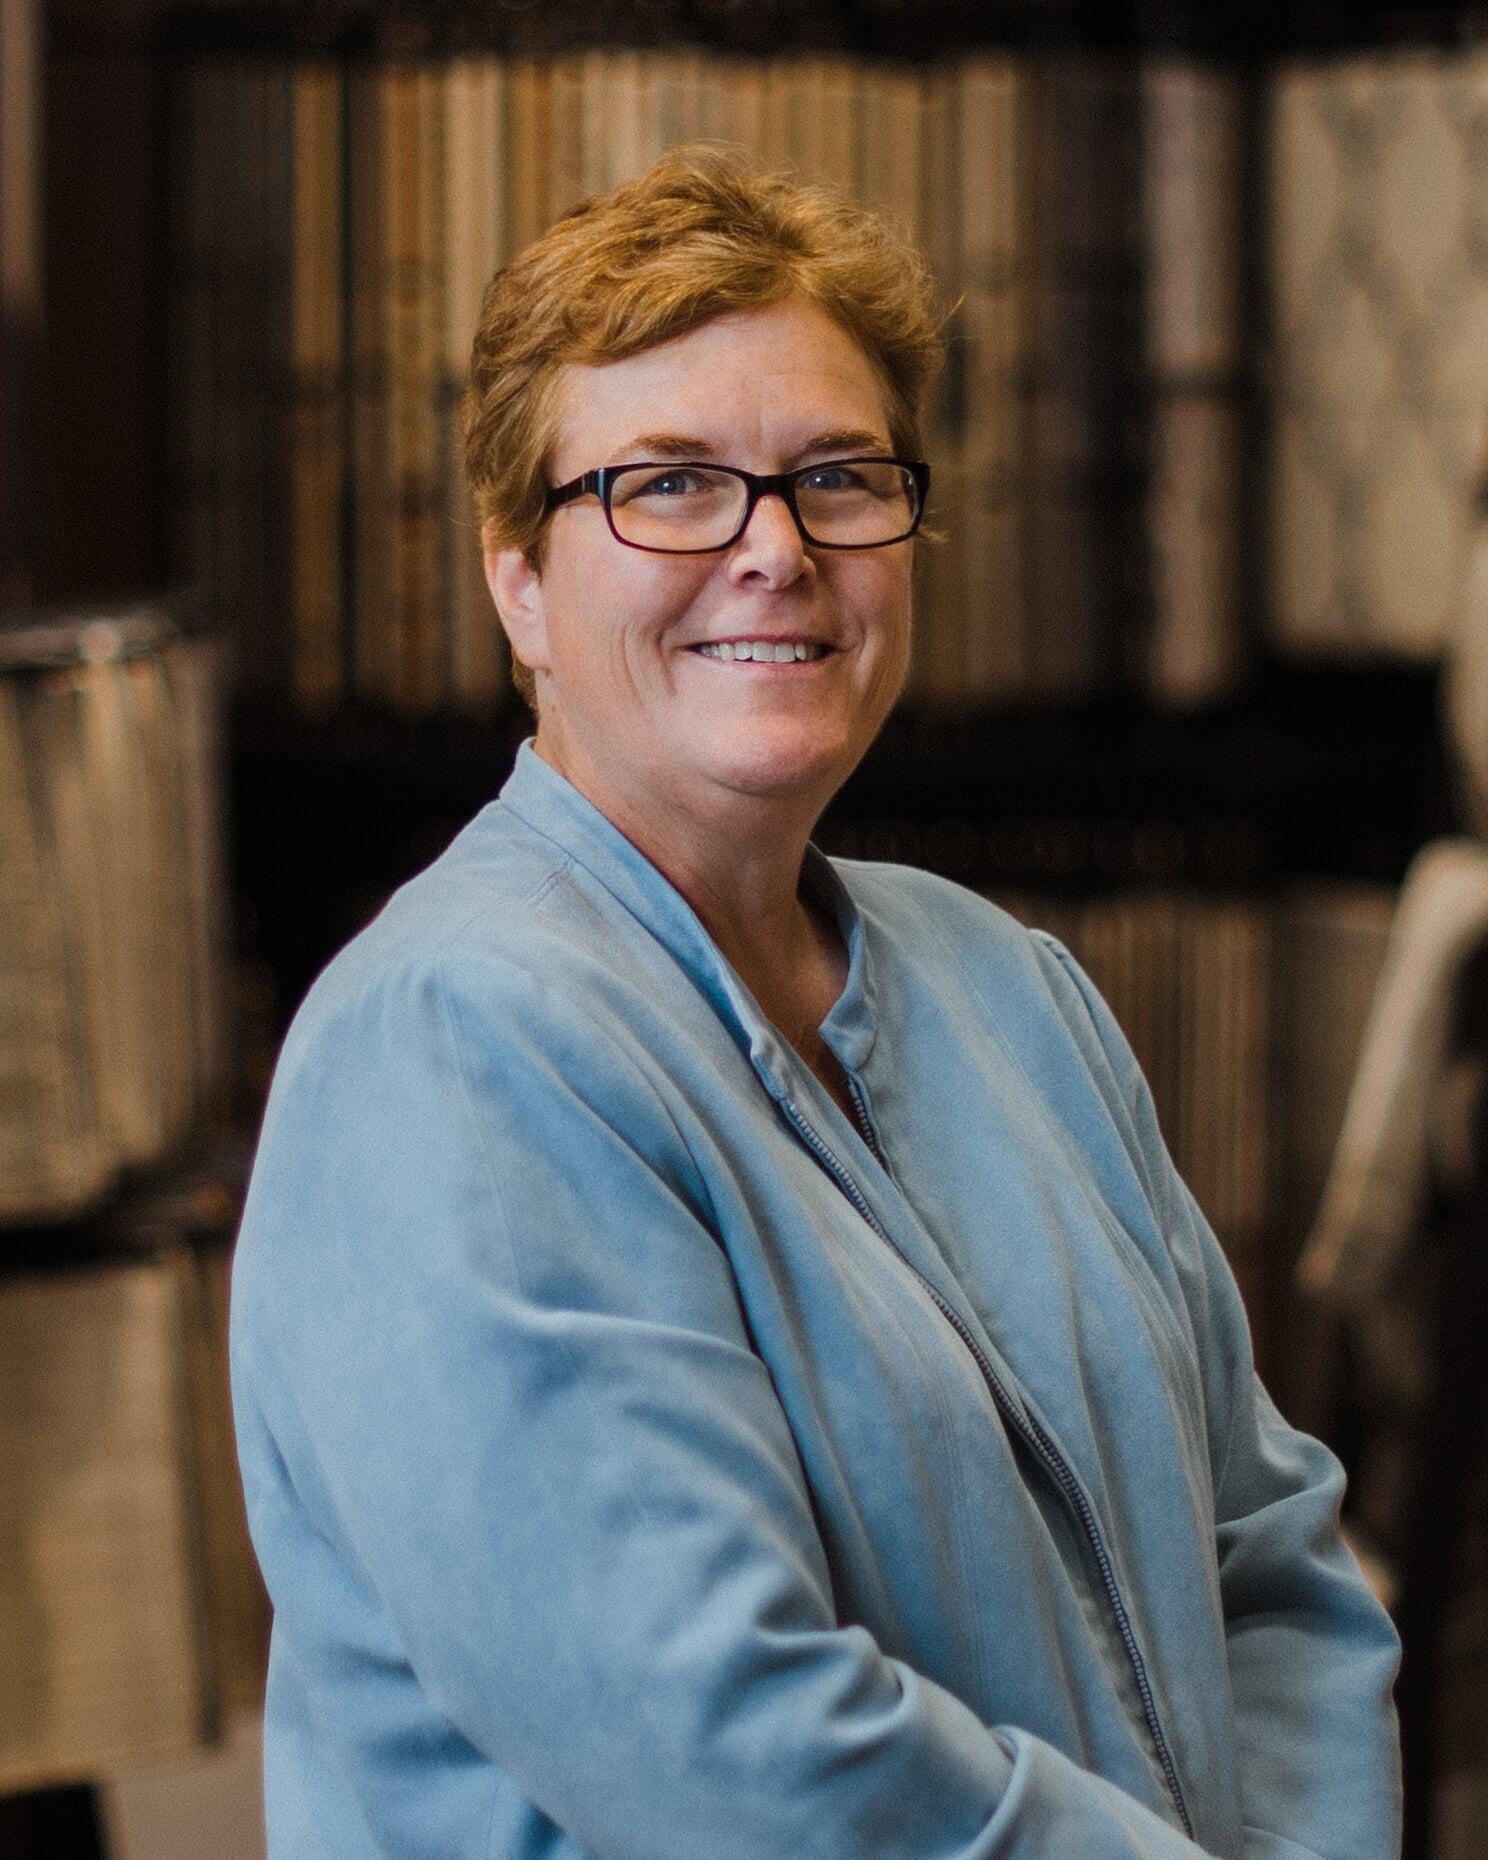 Residential Specialist in La Grange, IL - Terry Maliska - Desitter Flooring